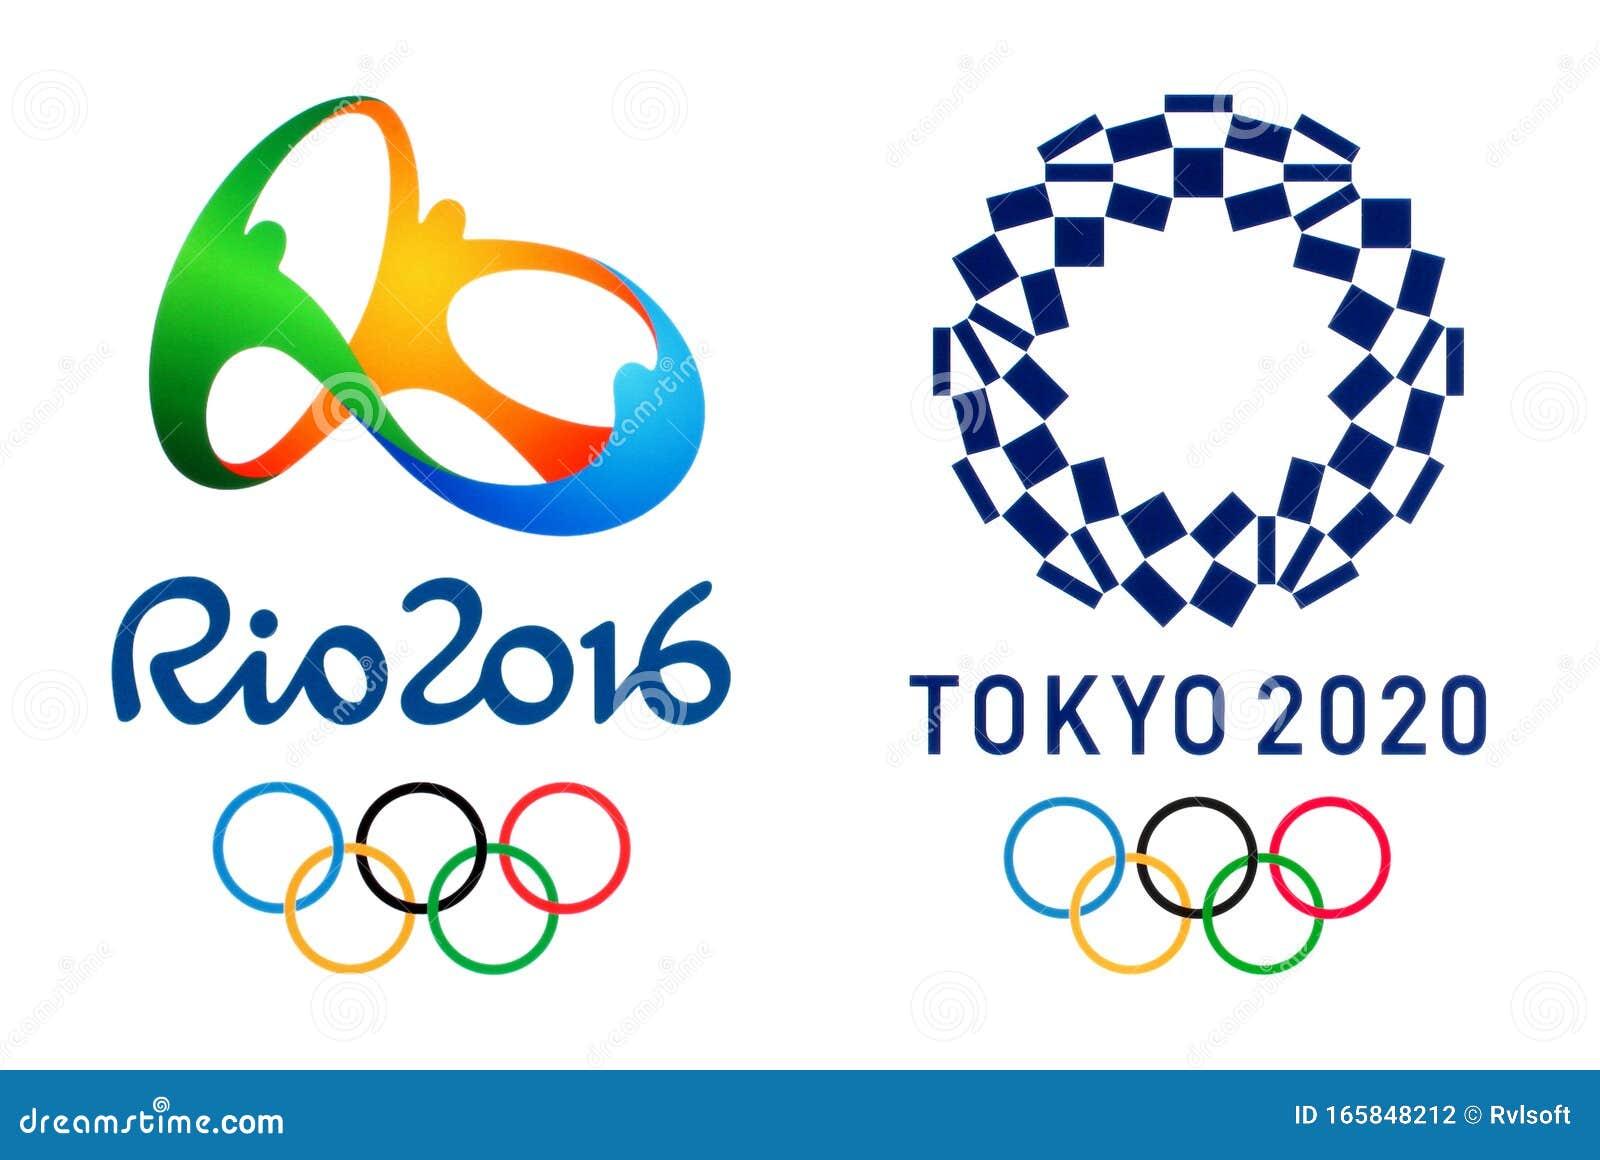 Offizielle Logos Fur Die Olympischen Sommerspiele 2020 In Tokio Japan Und Die Olympischen Spiele 2016 In Rio Brasilien Redaktionelles Stockfotografie Bild Von International Gedruckt 165848212